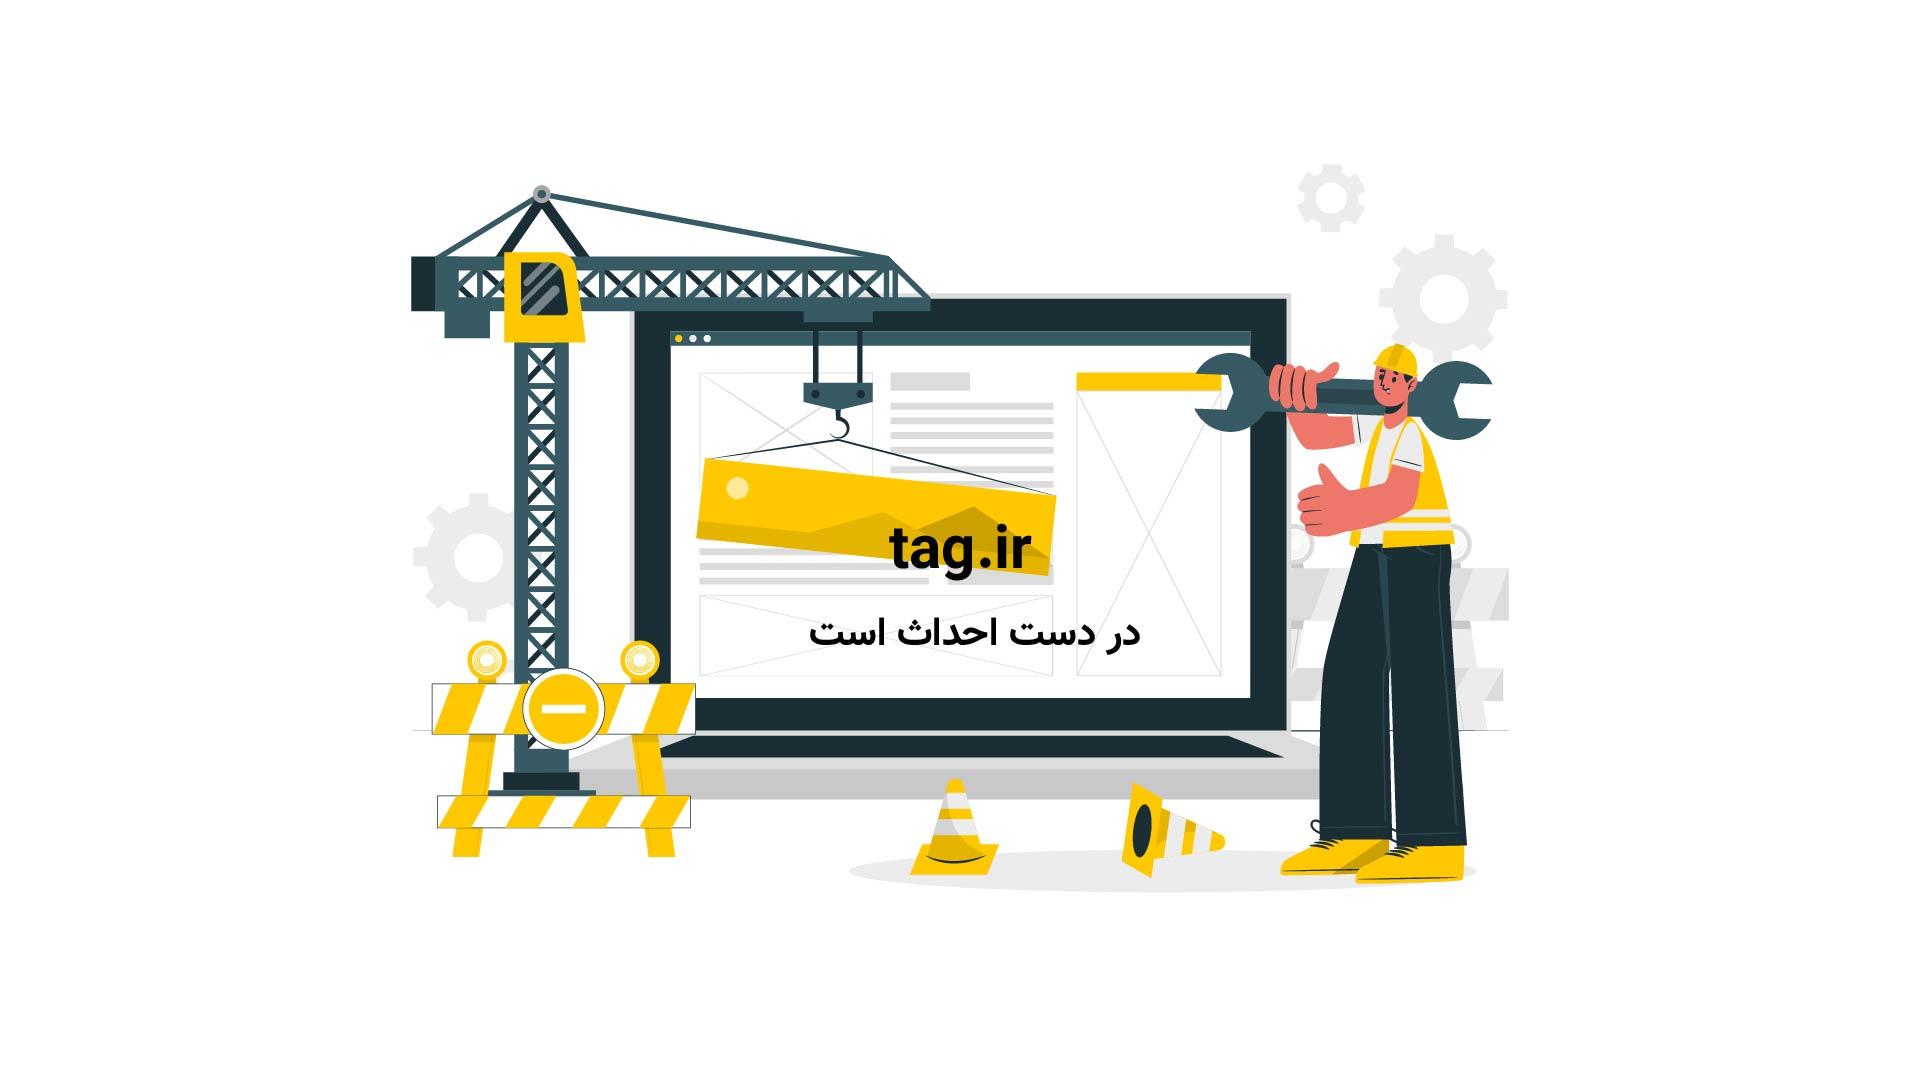 نان قندی خانگی | تگ